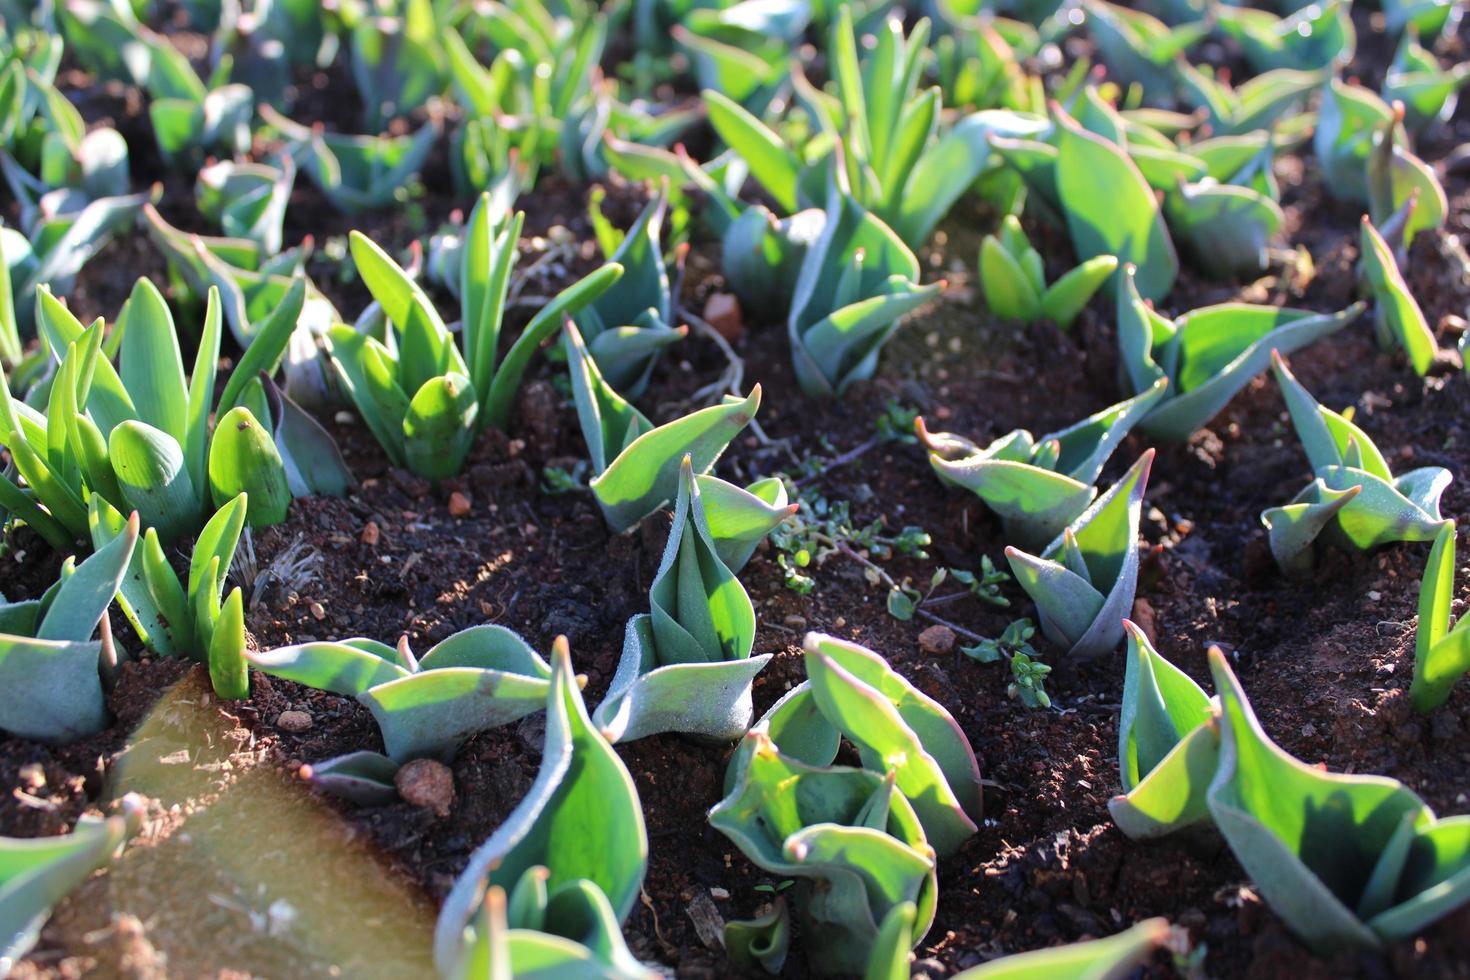 pousses de plantes et jeunes plantes avec des détails macro photo